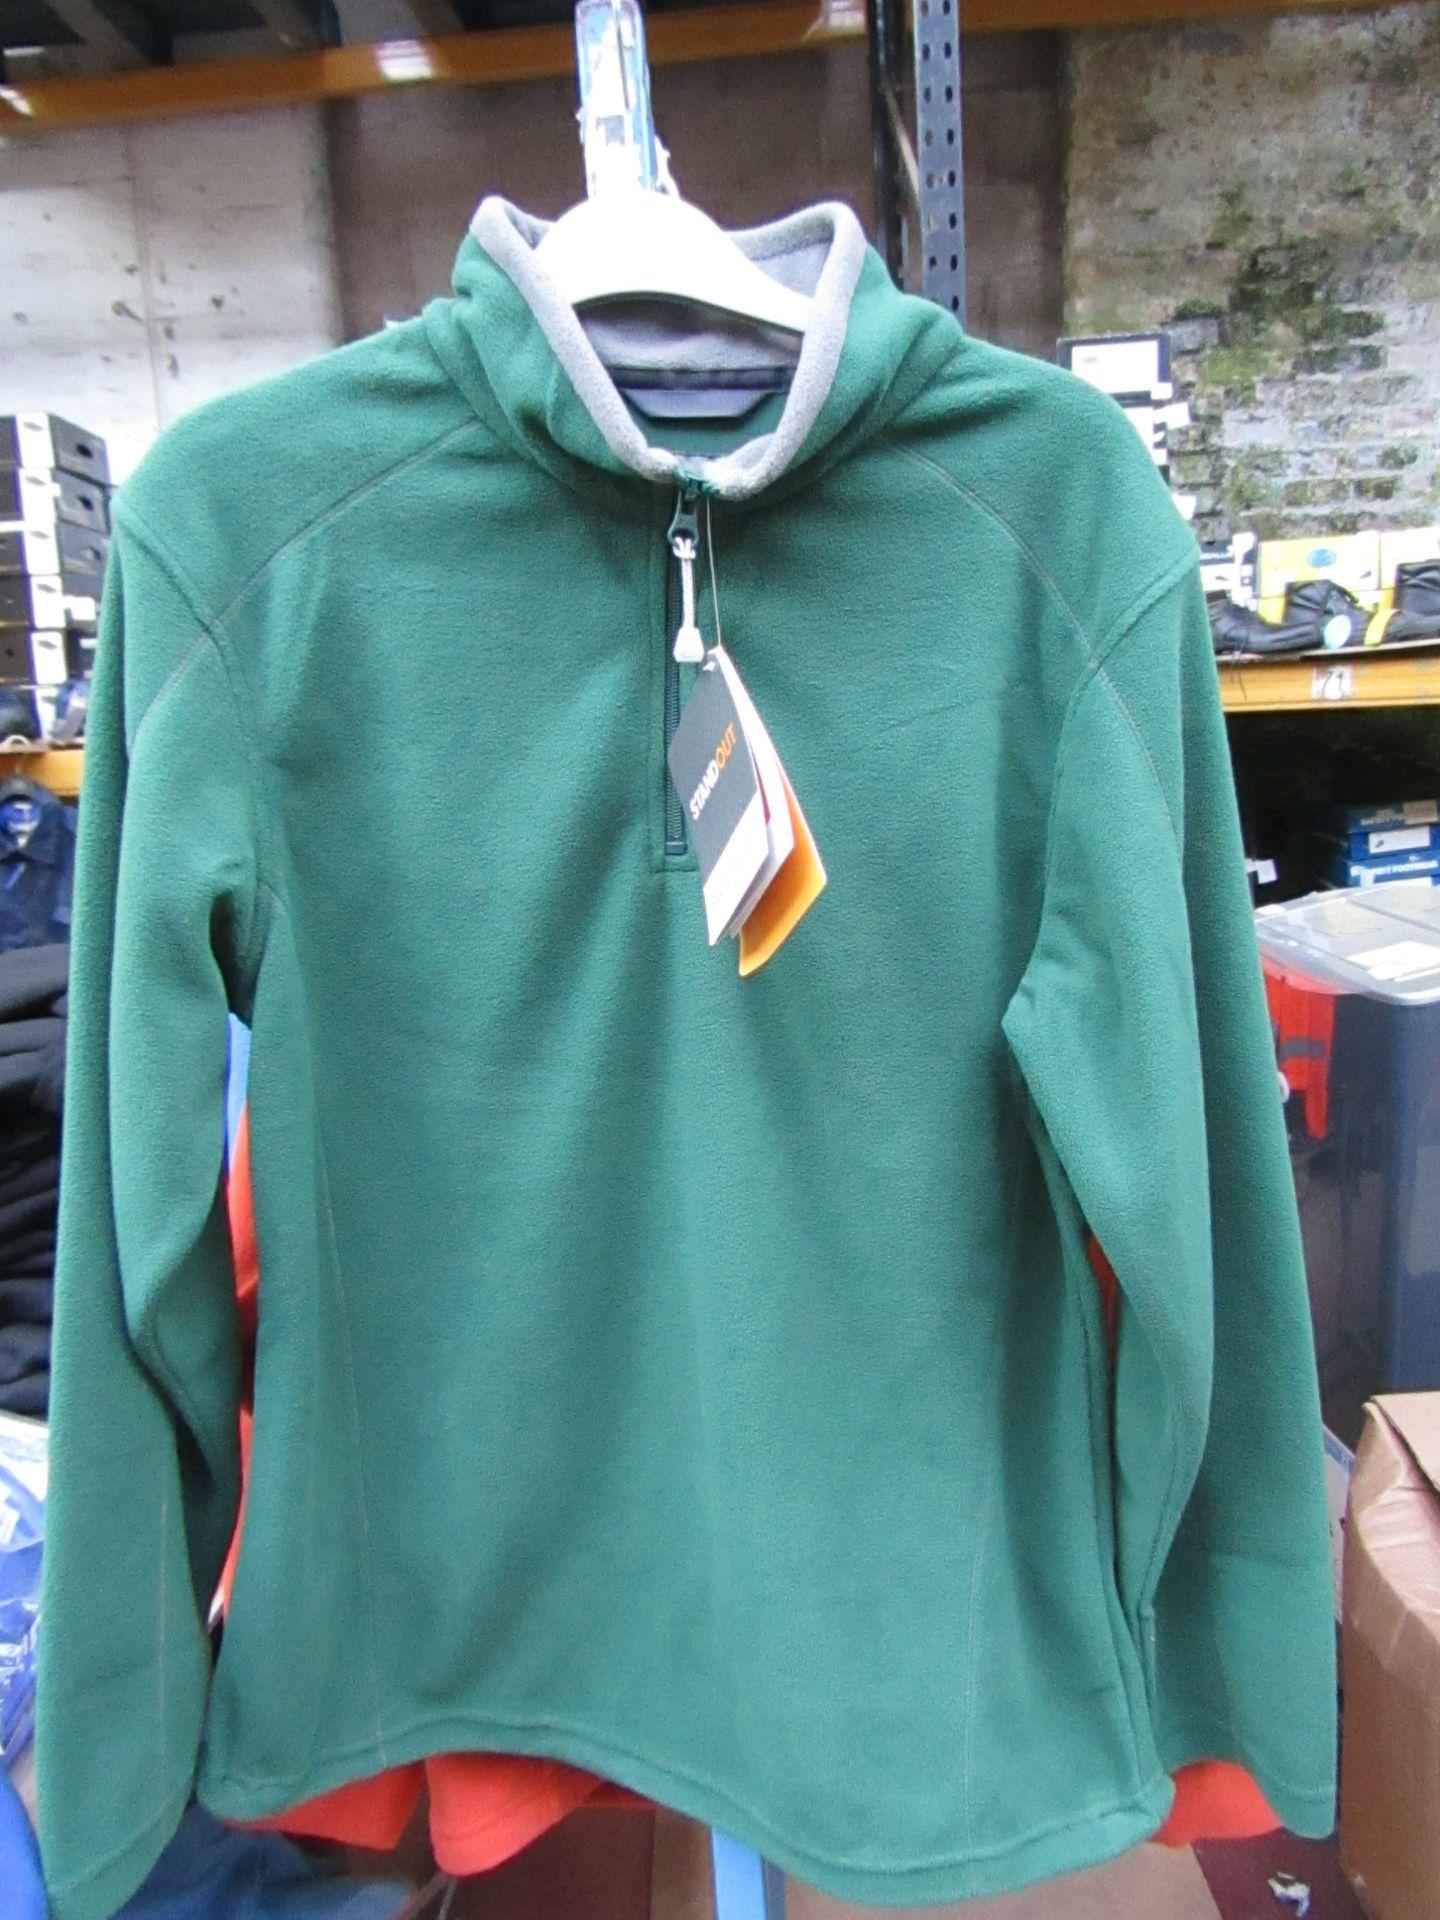 Lot 54 - Ladies Regatta Professional Fleece Bottle Green / Smoke. Size 14. new in Packaging